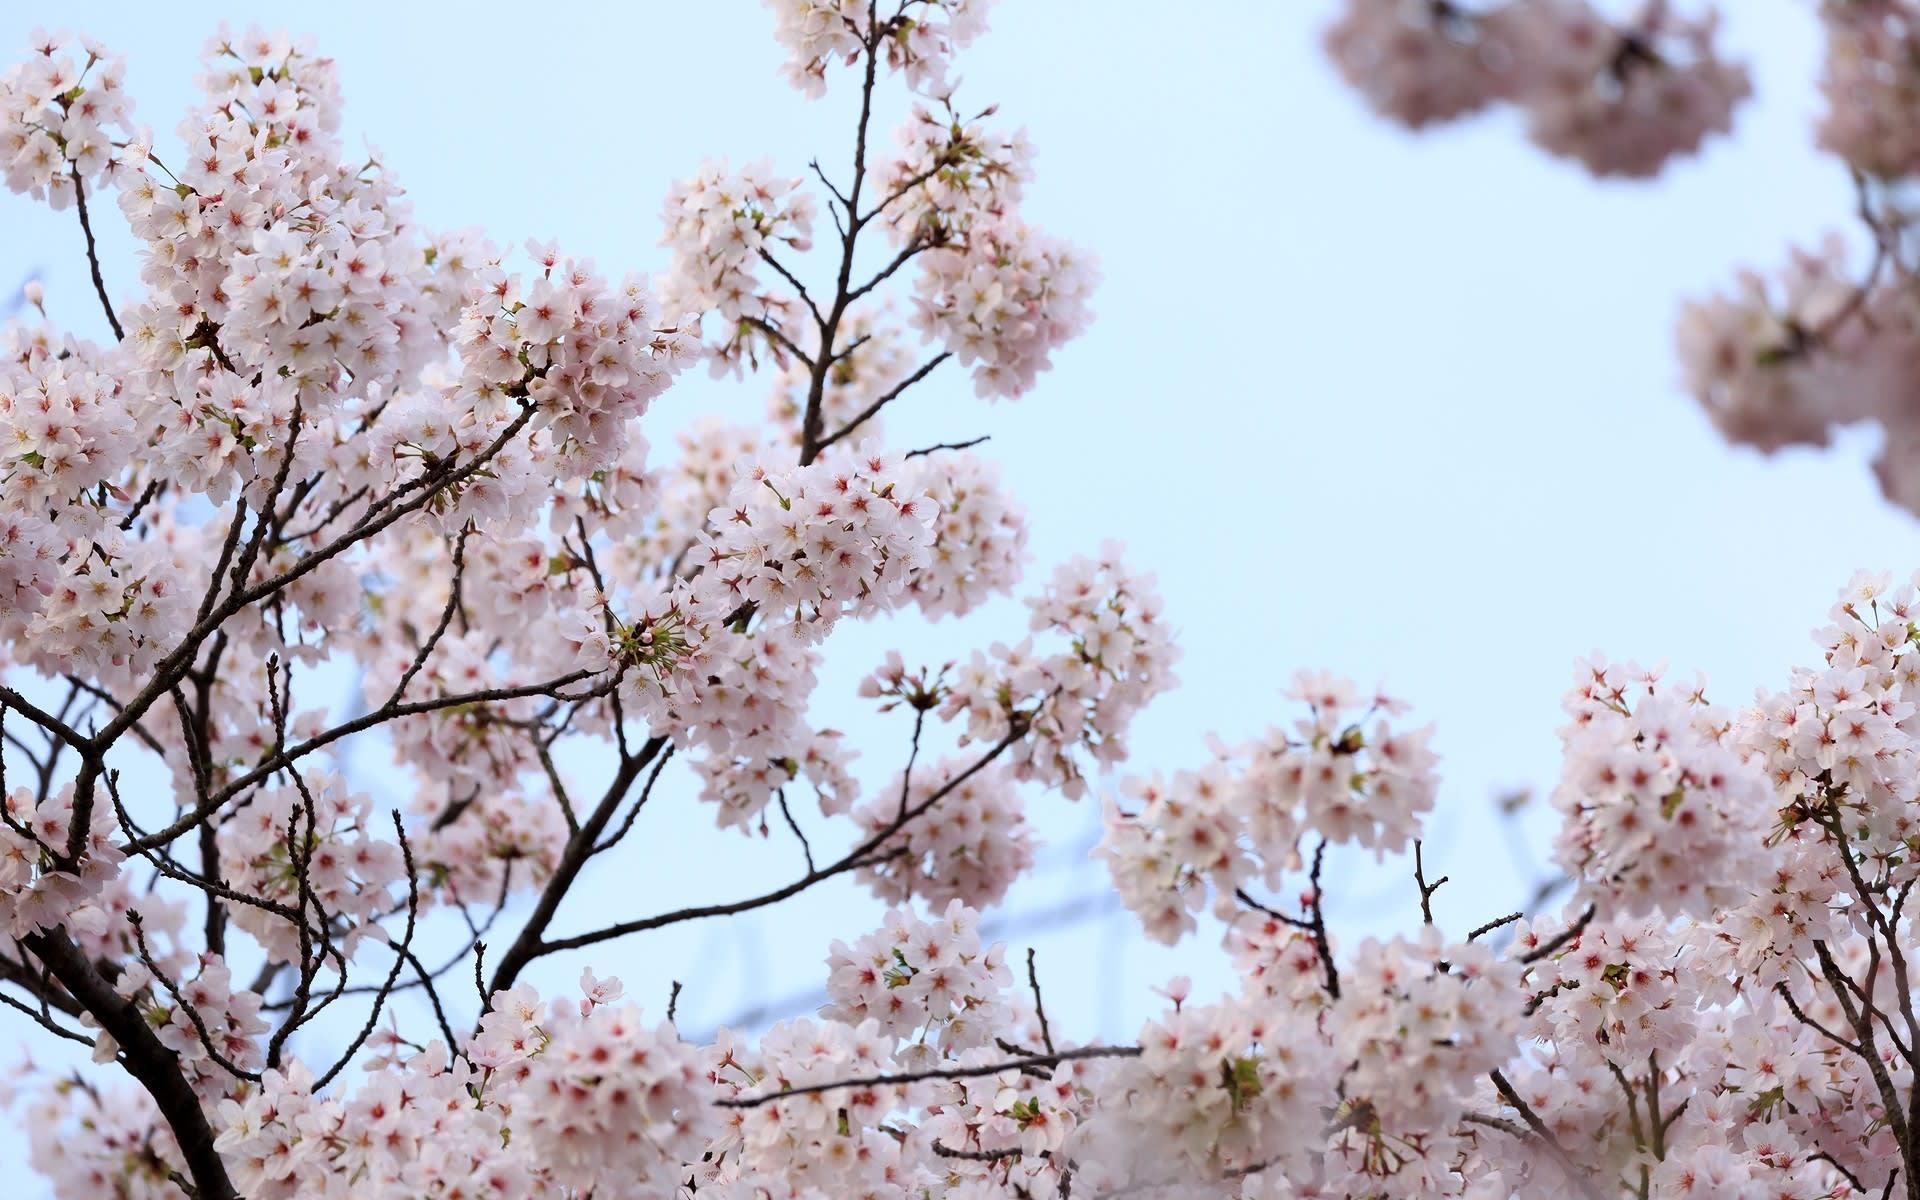 2017年桜風景 計41枚 壁紙 日々駄文